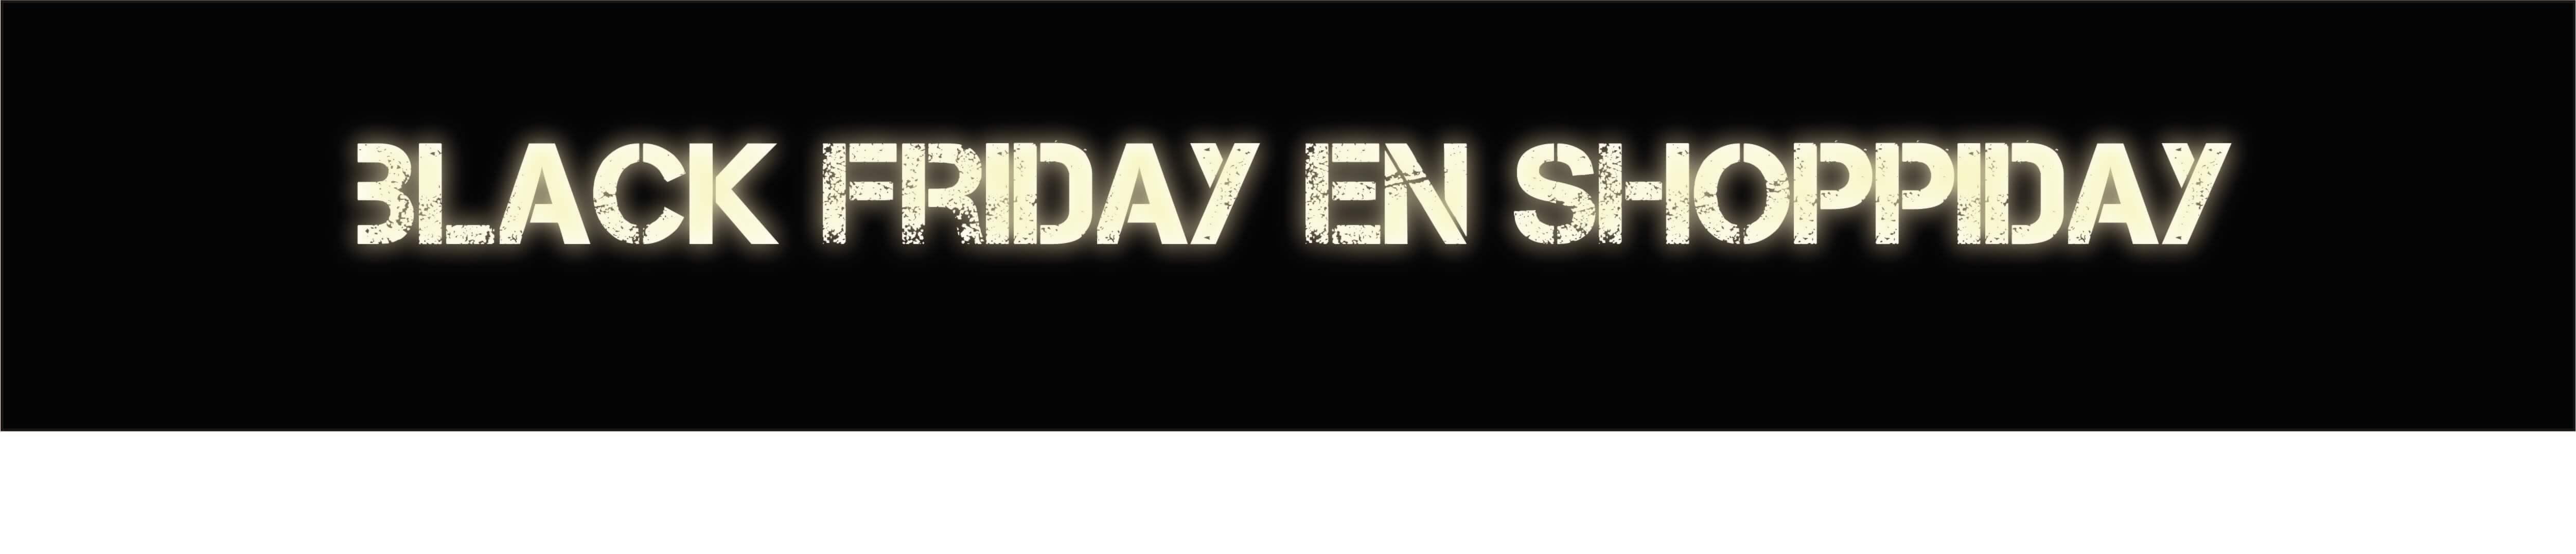 Descubre las ofertas y descuentos de Black Friday en Shoppiday